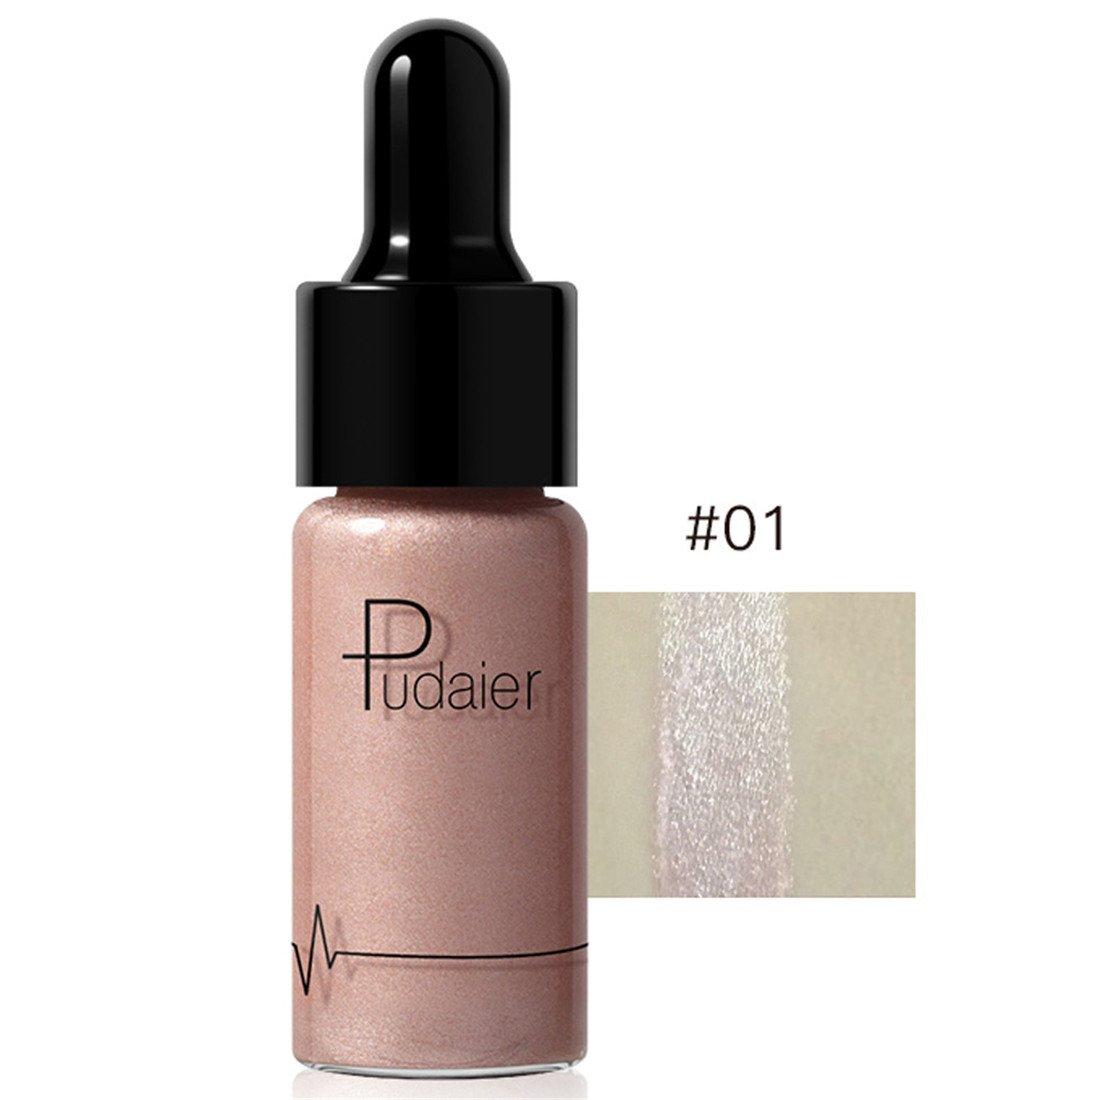 Gesicht Lippe Textmarker, FRIENDGG Make-up-Concealer-Schimmer-Gesichts-Glühen-flüssiger Textmarker 12 Farben-Leuchtmarker (C)